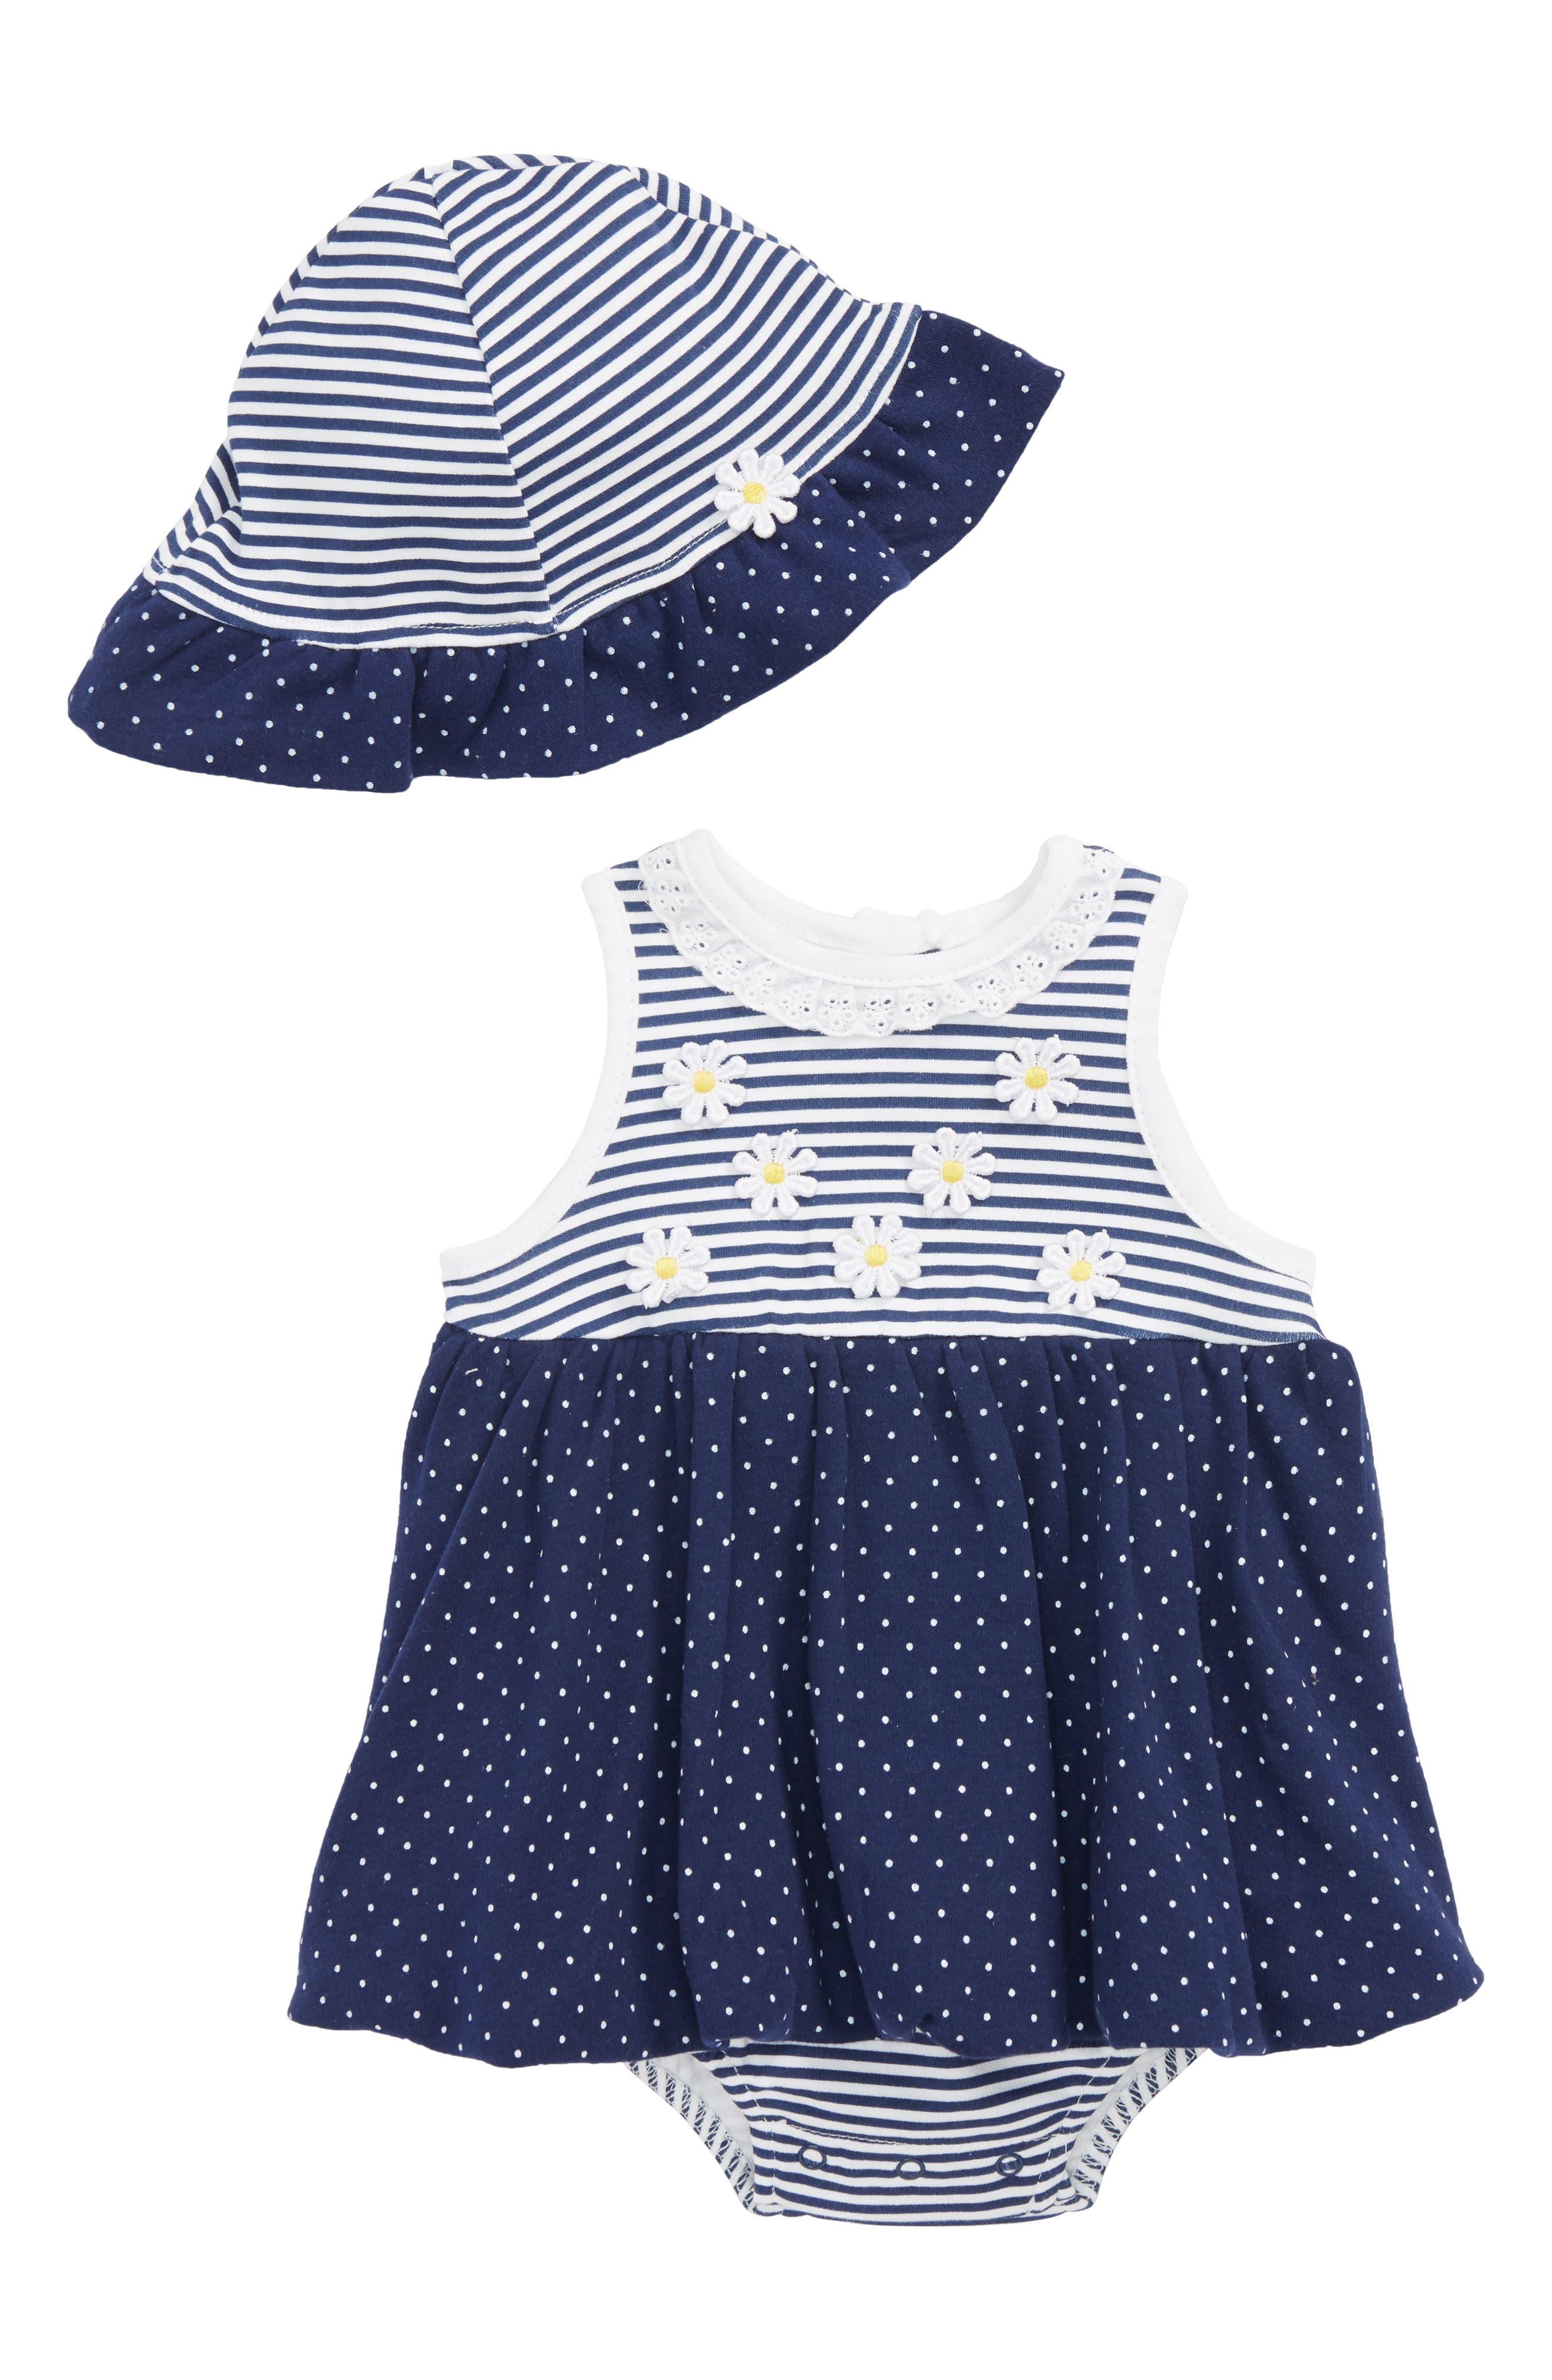 Daisy Dots Popover Bodysuit & Sun Hat Set,                             Main thumbnail 1, color,                             415